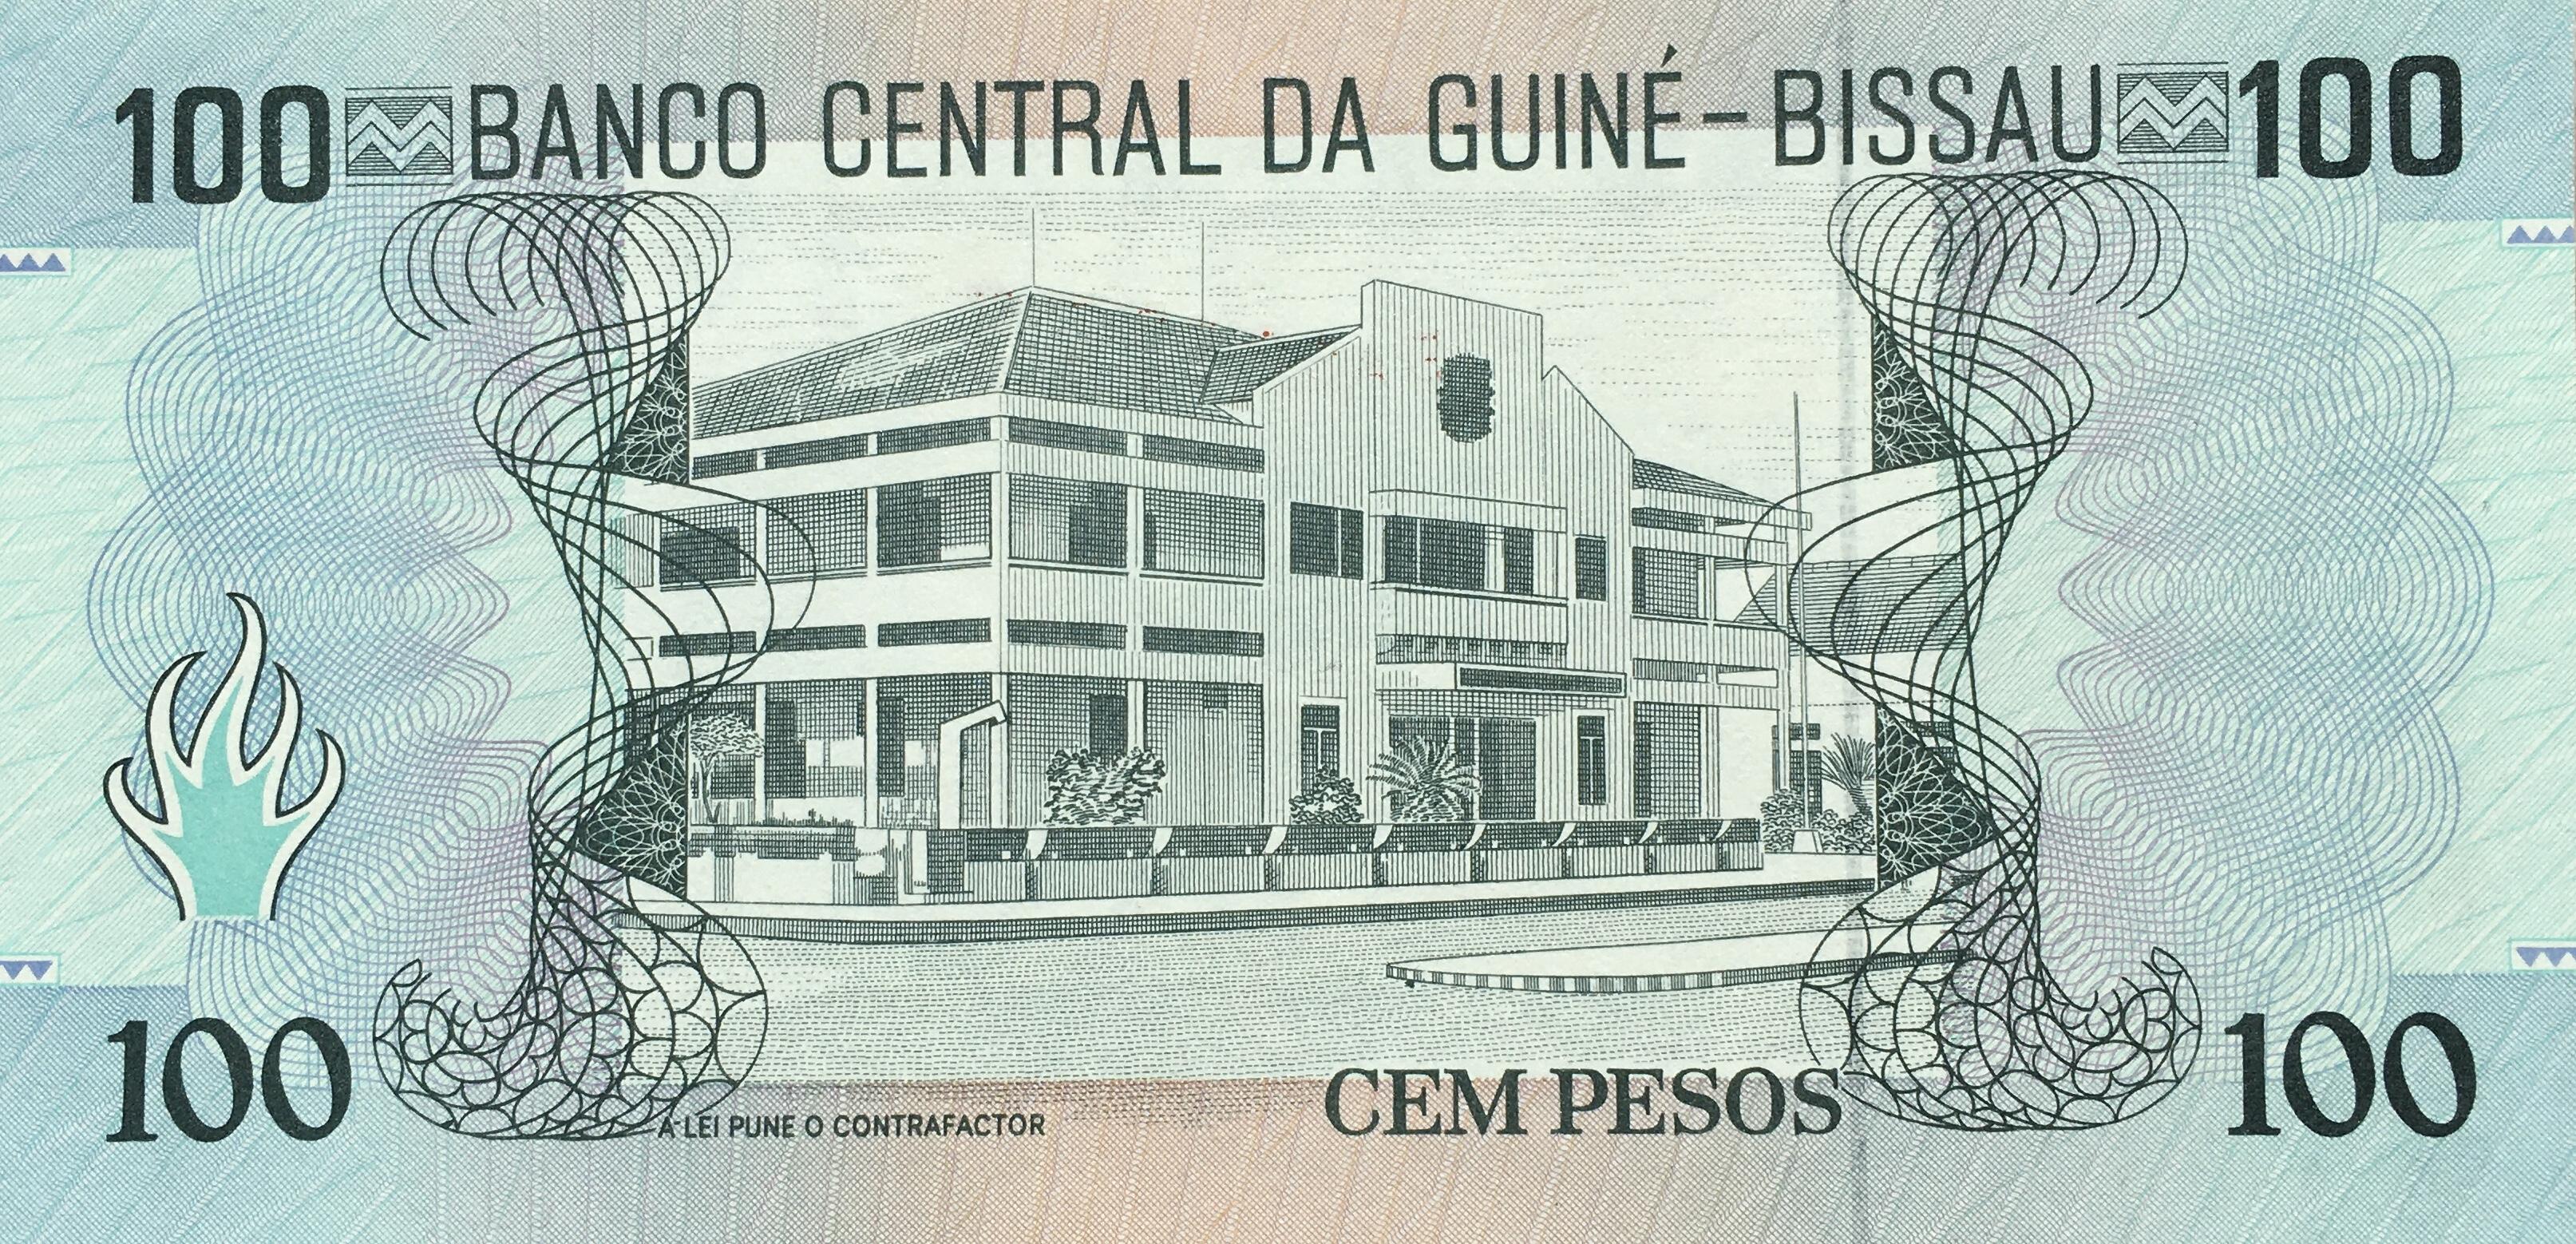 100 PESOS 1990 GUINEA-BISSAU NOTE BANCO CENTRAL DE GUINÉ GUINEA BISSAU Pick-11